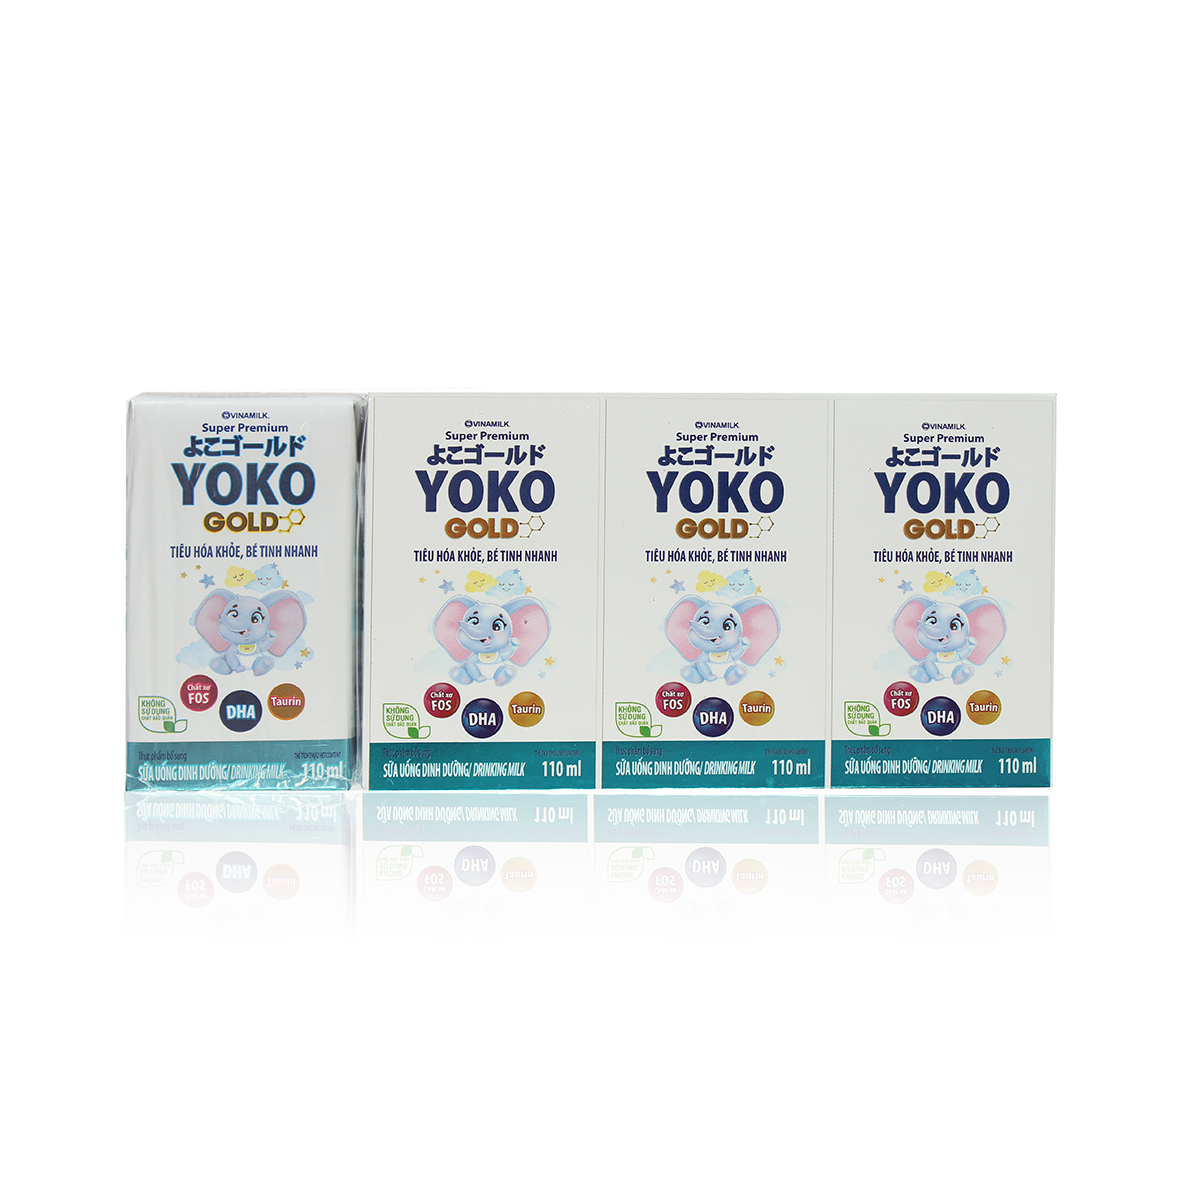 Sữa uống dinh dưỡng Vinamilk Yoko Gold (4*110ml) cho bé trên 1 tuổi